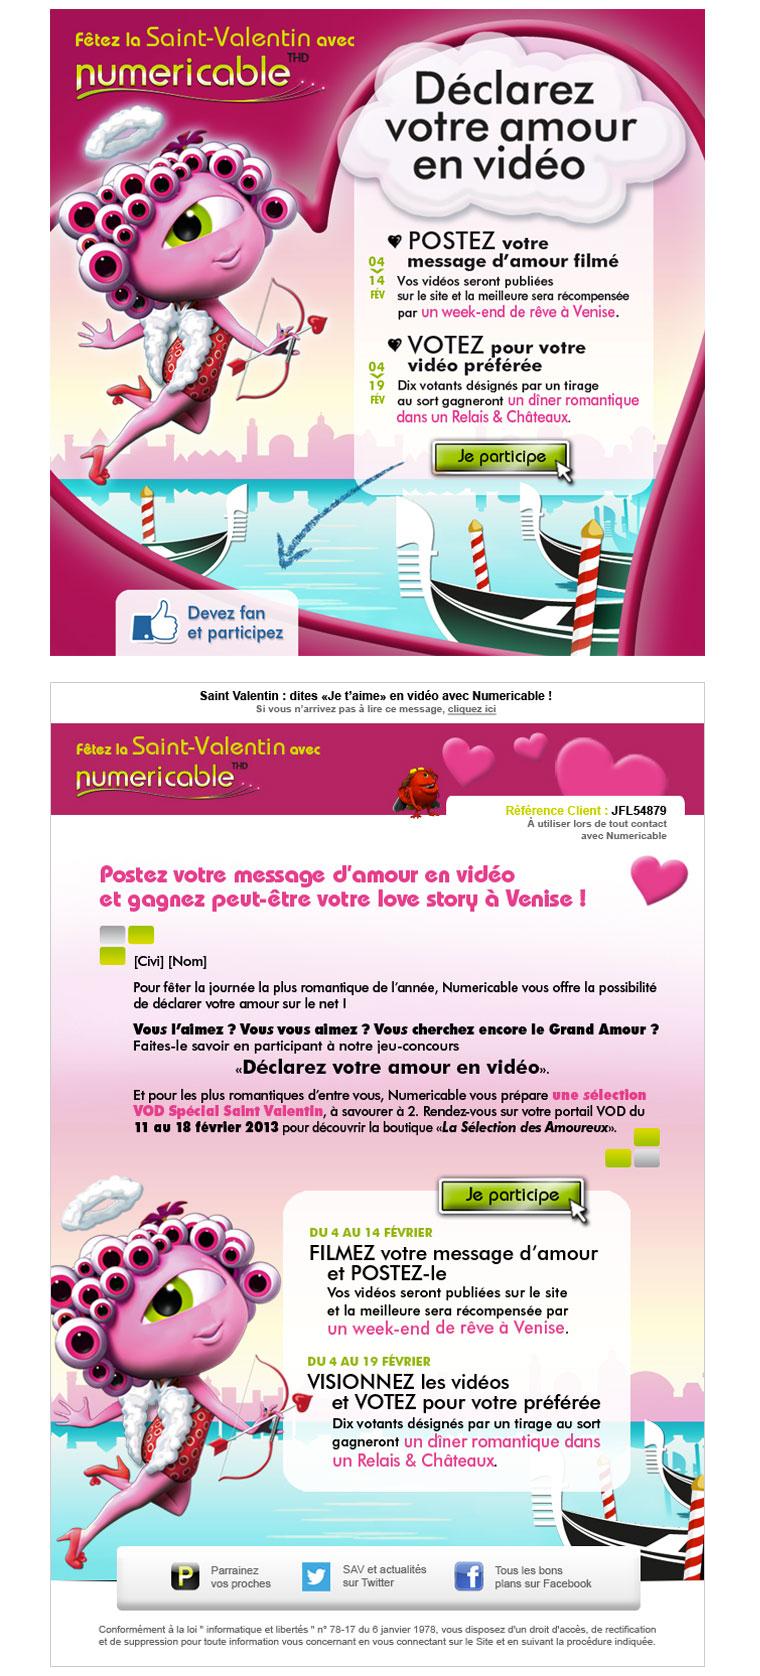 E-MAILING ABONNÉS NUMERICABLE  Jeu-concours à l'occasion de la Saint-Valentin